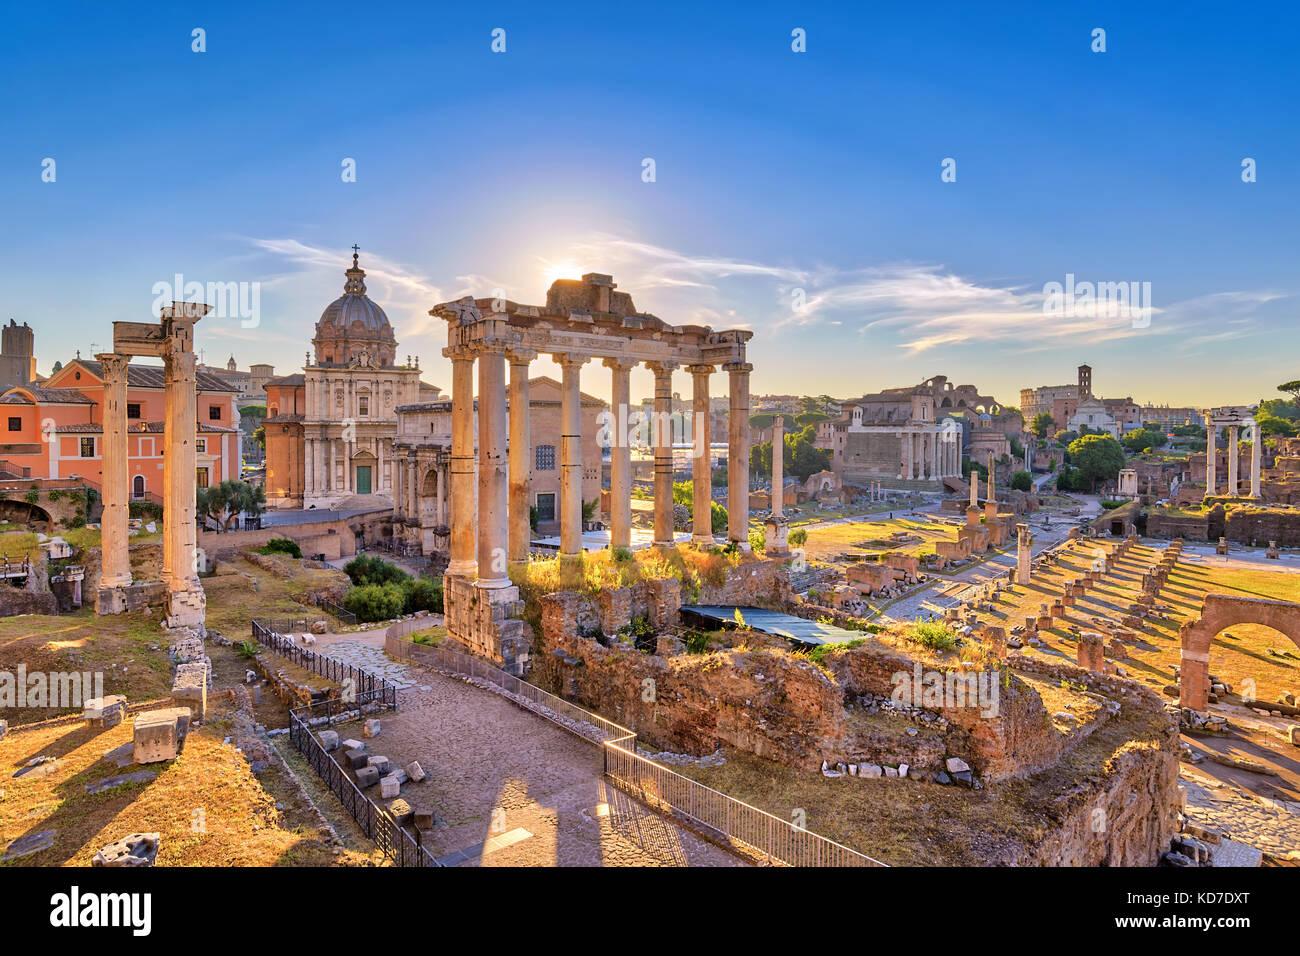 Lever du soleil sur les toits de la ville de Rome à rome forum (forum romain), Rome, Italie Photo Stock